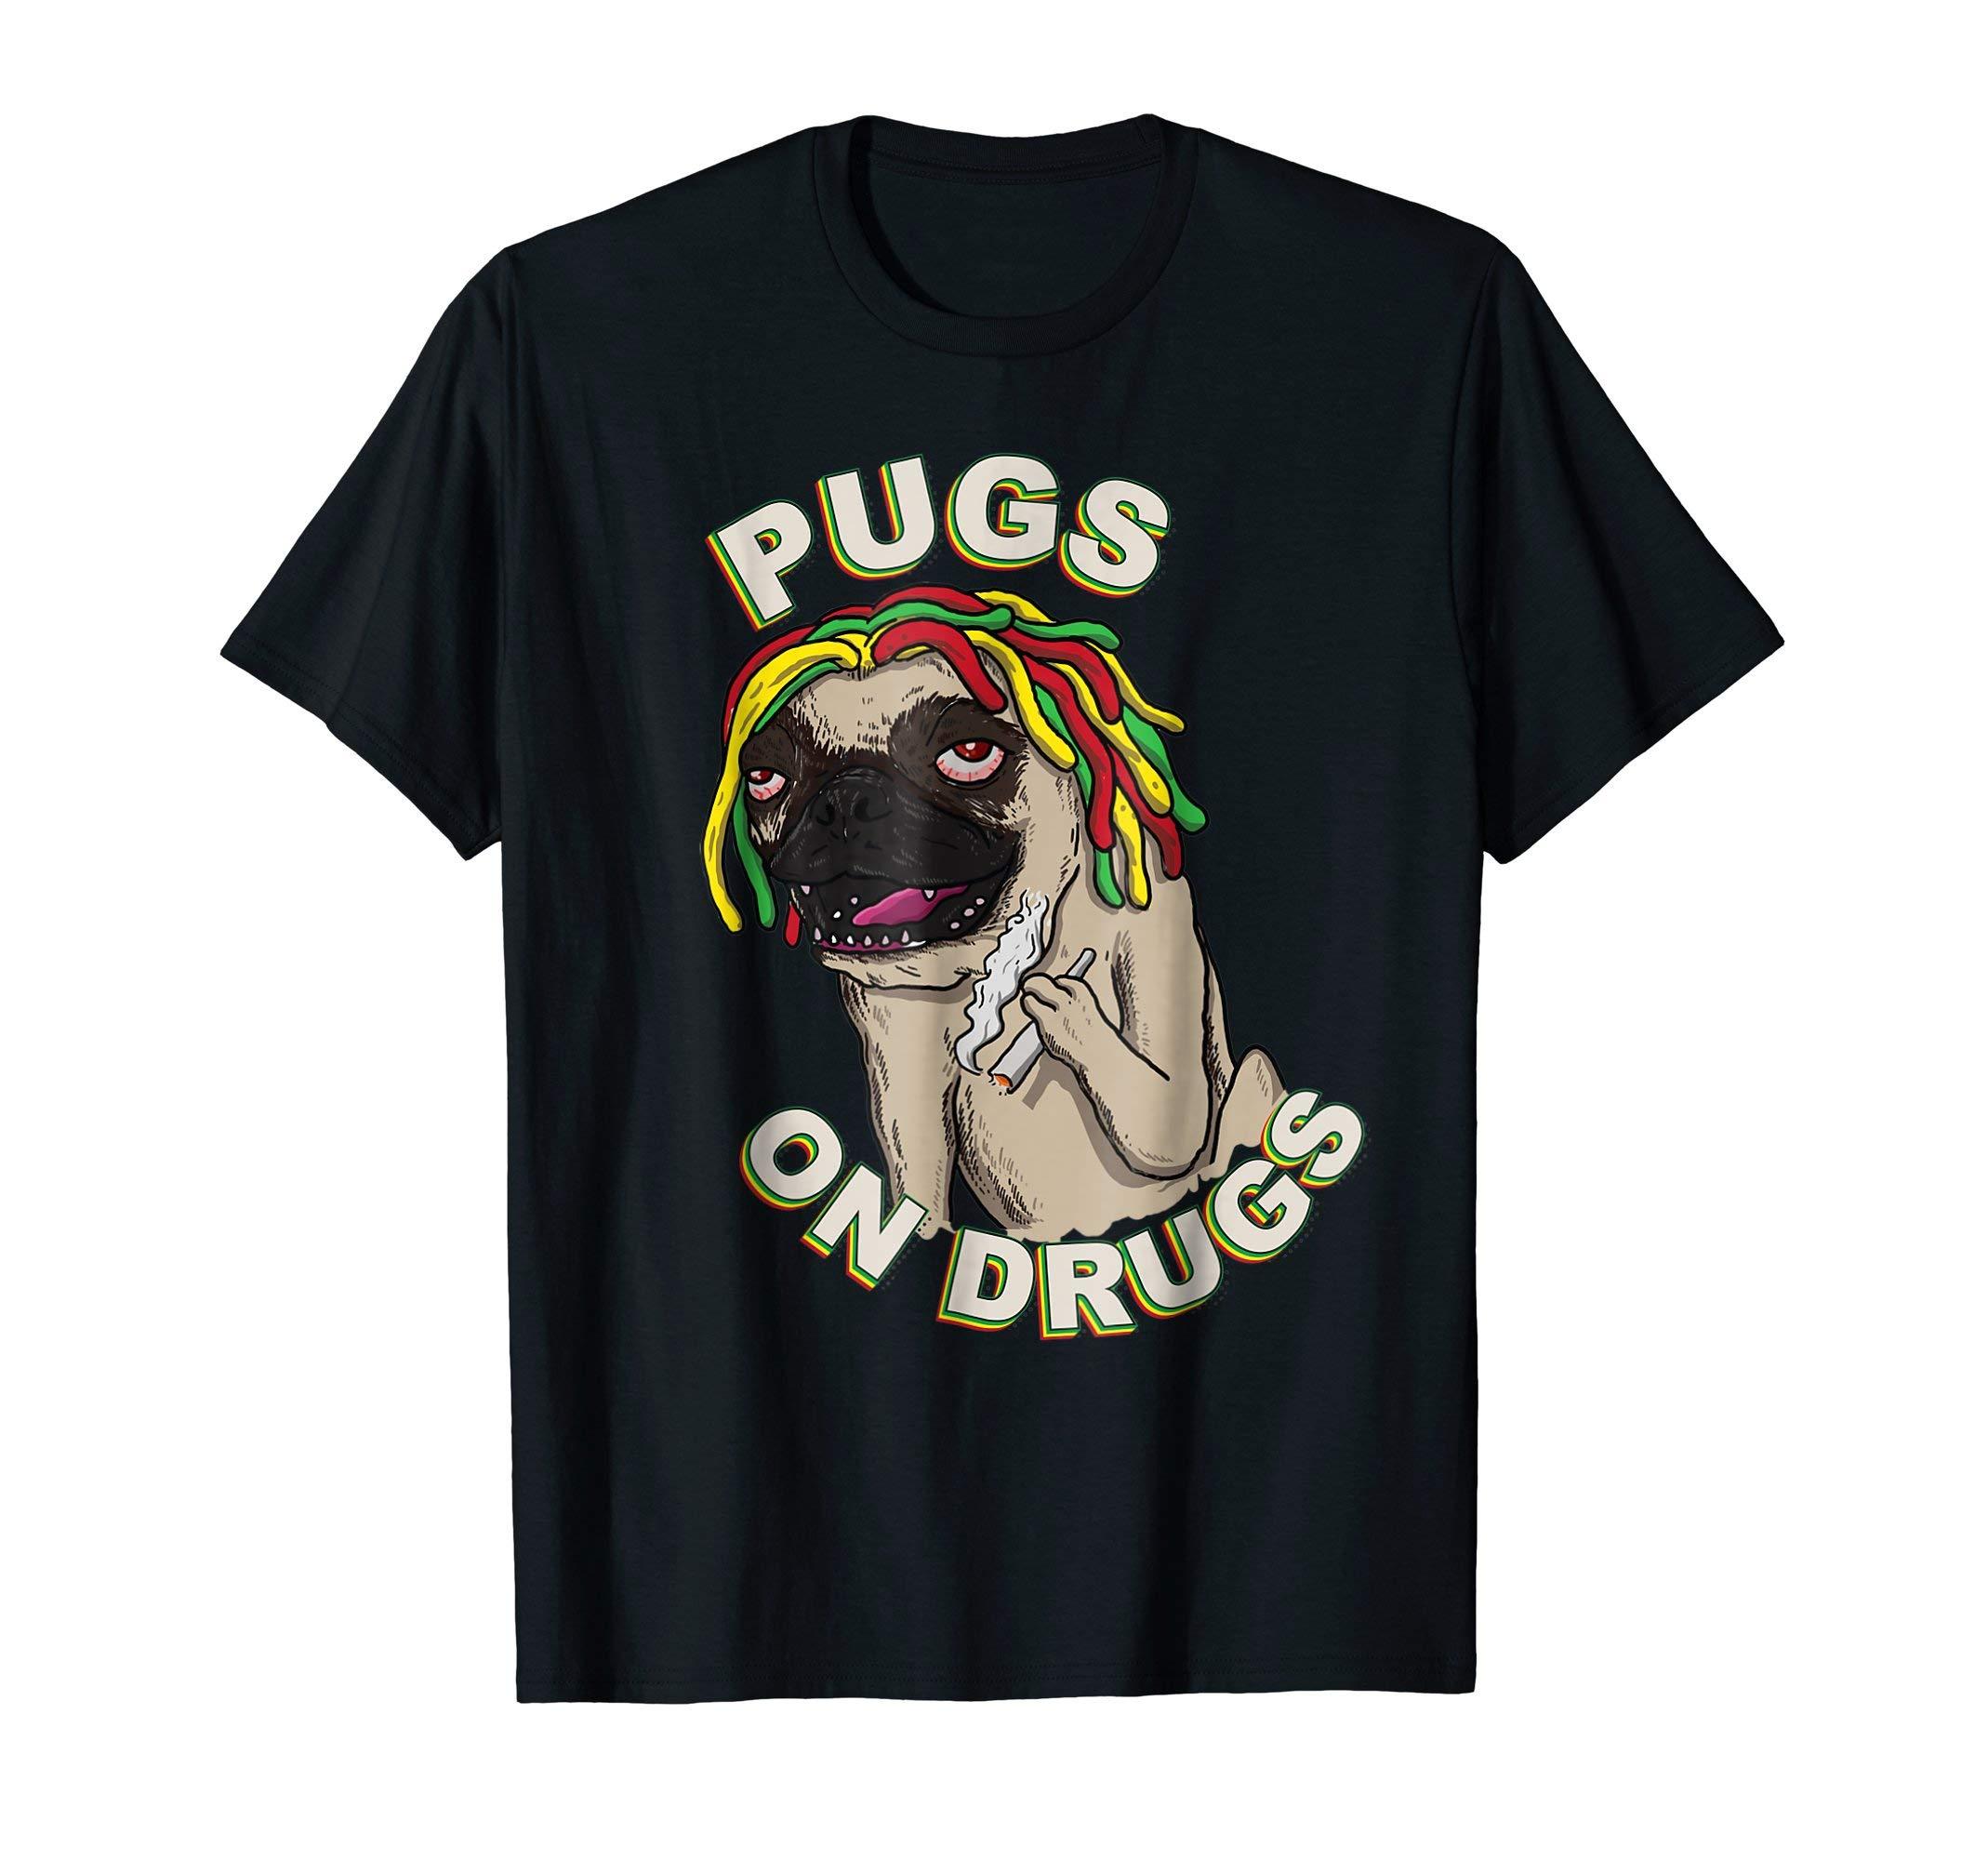 Pugs on Drugs Funny Smoking Dog Weed Marijuana Stoner Tshirt